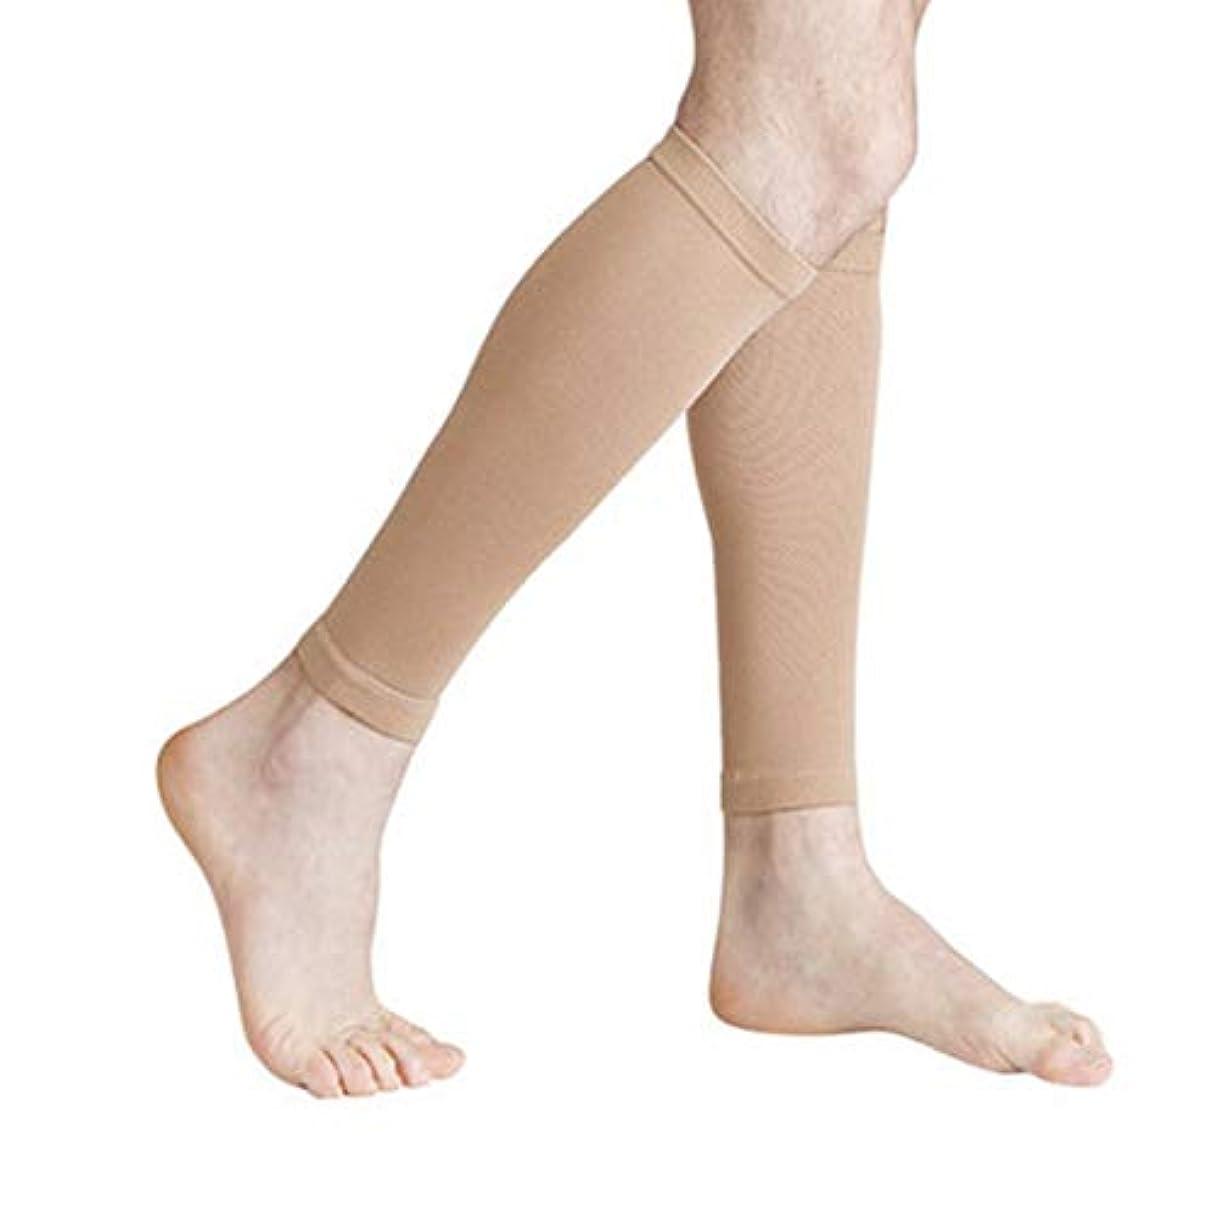 一貫した知る立場丈夫な男性女性プロの圧縮靴下通気性のある旅行活動看護師用シントスプリントフライトトラベル - 肌色